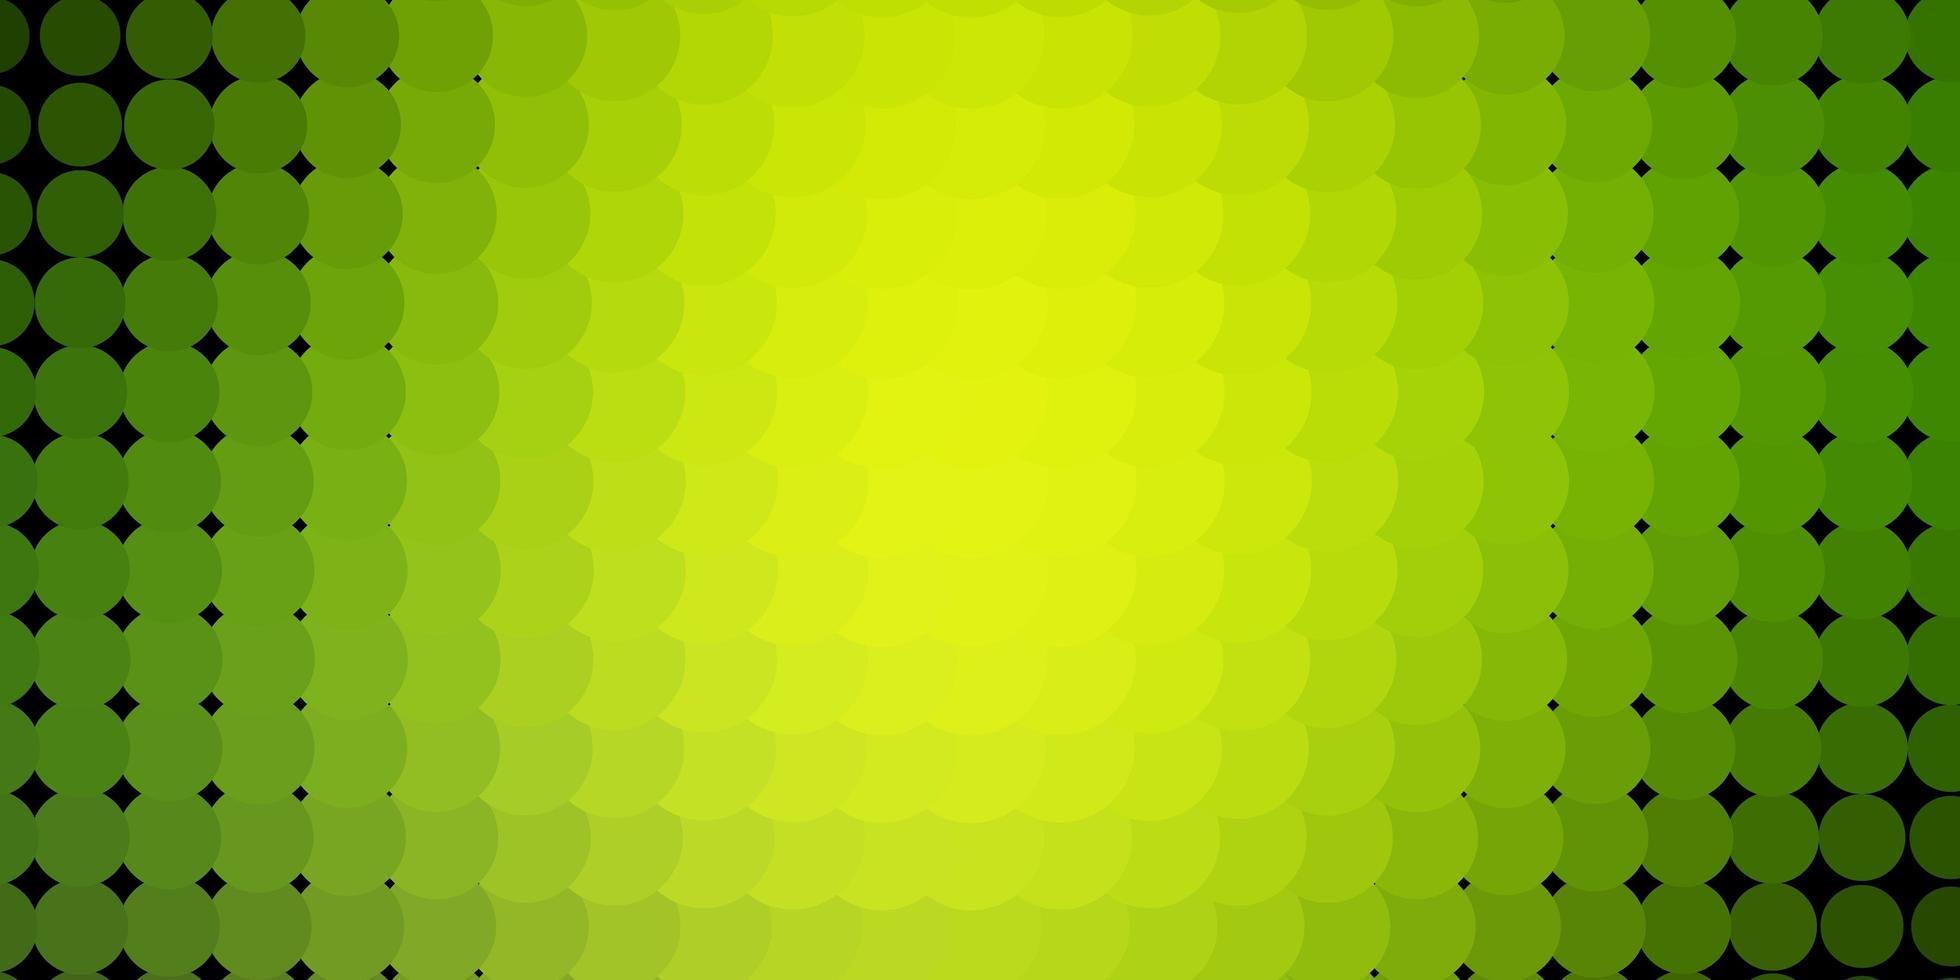 lichtgroene, gele vectorachtergrond met cirkels. vector